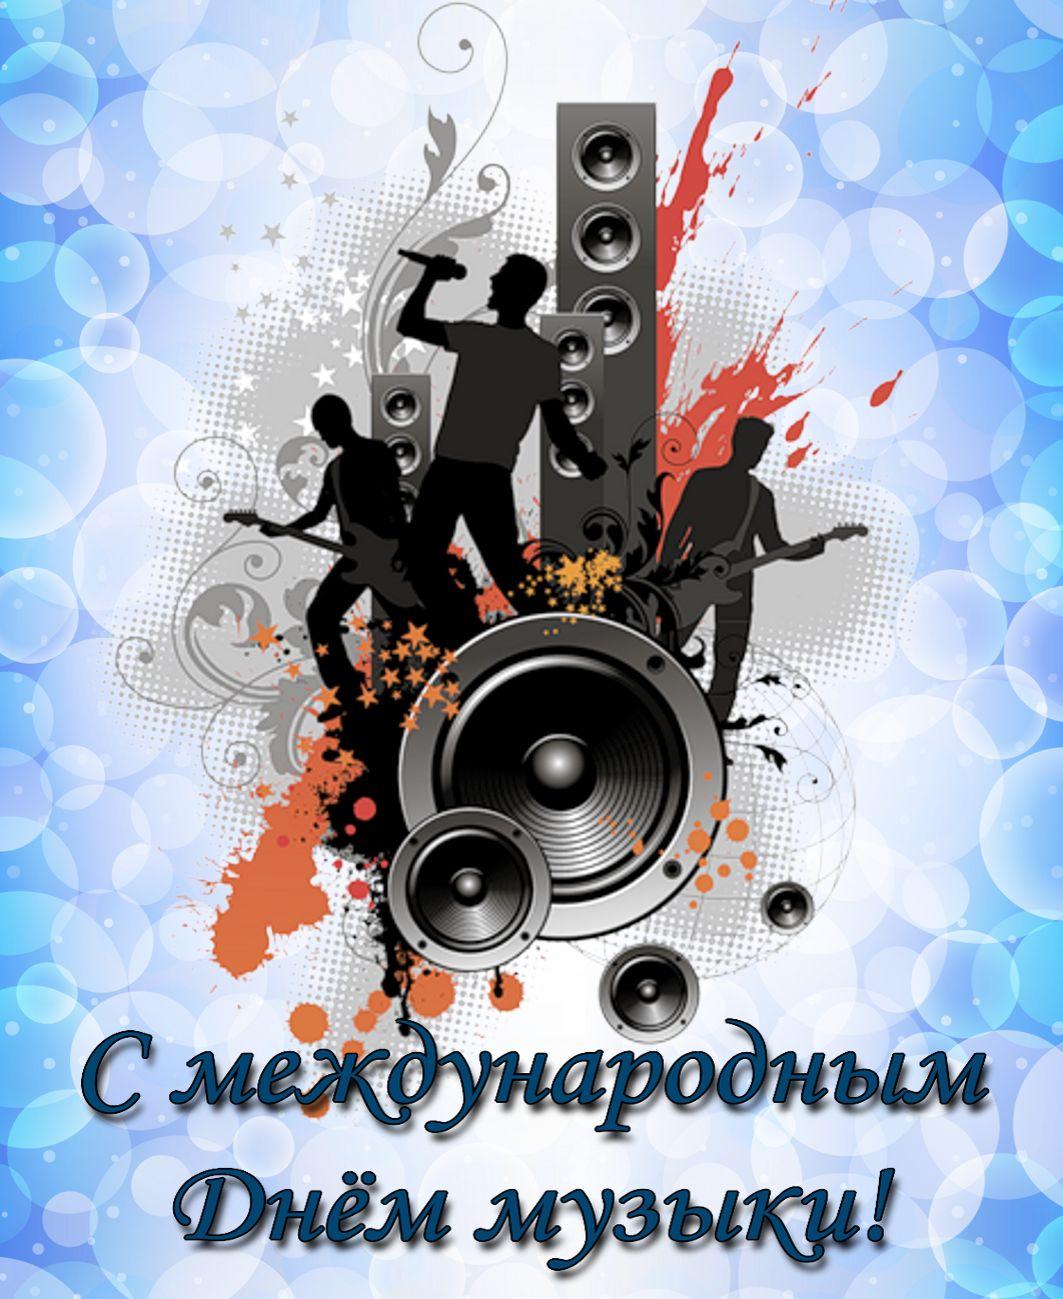 открытка - музыканты и динамики на красивом фоне